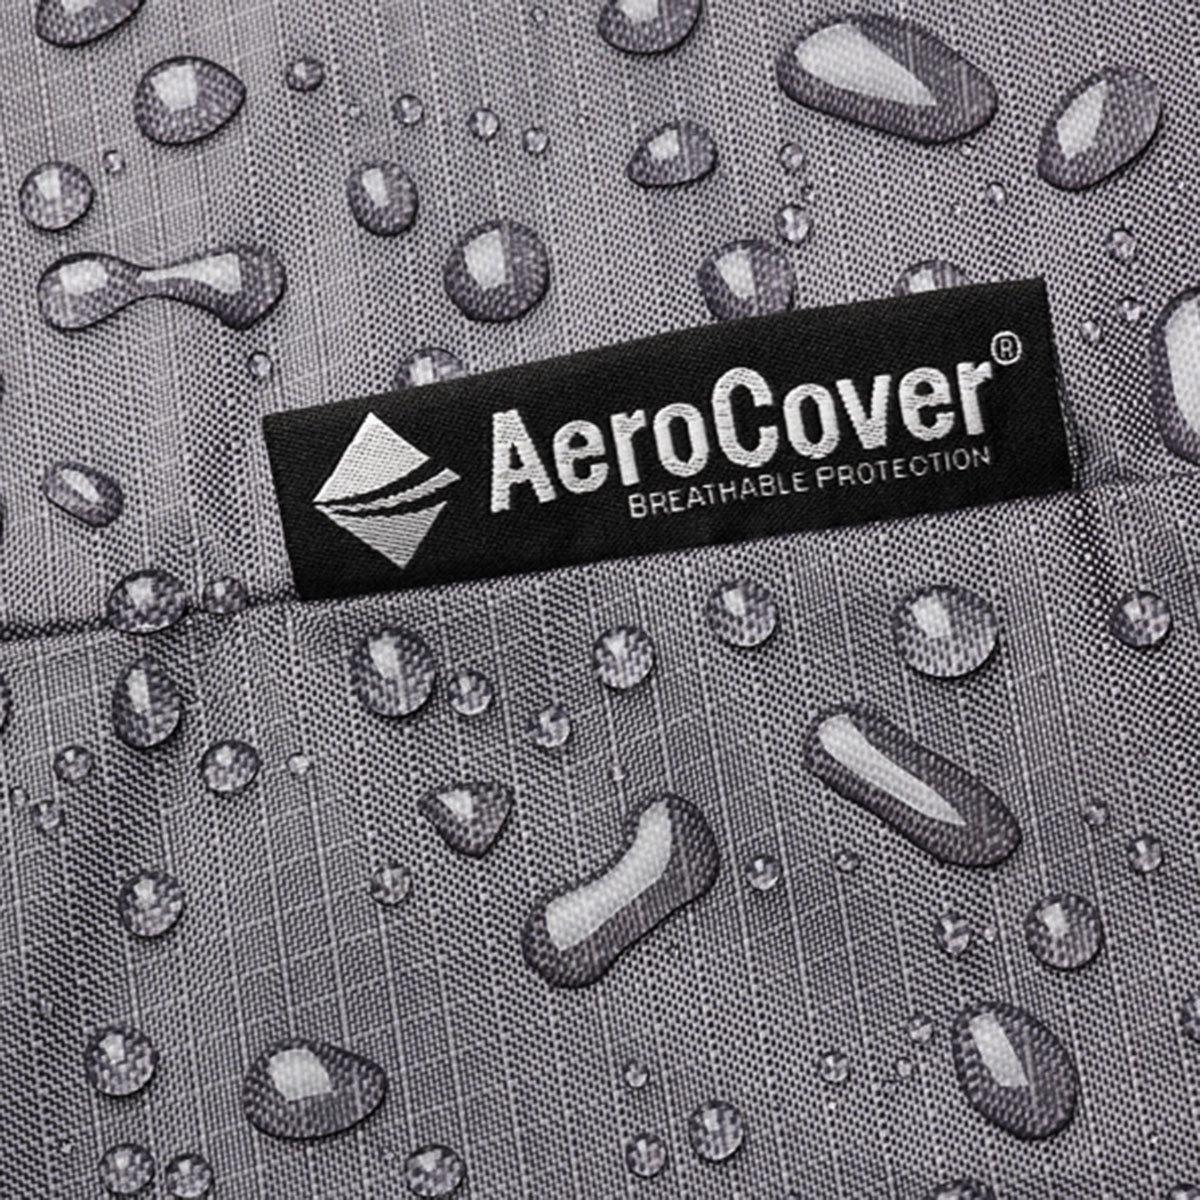 Schutzhülle AeroCover für Stockschirme bis Ø 4 m   #3